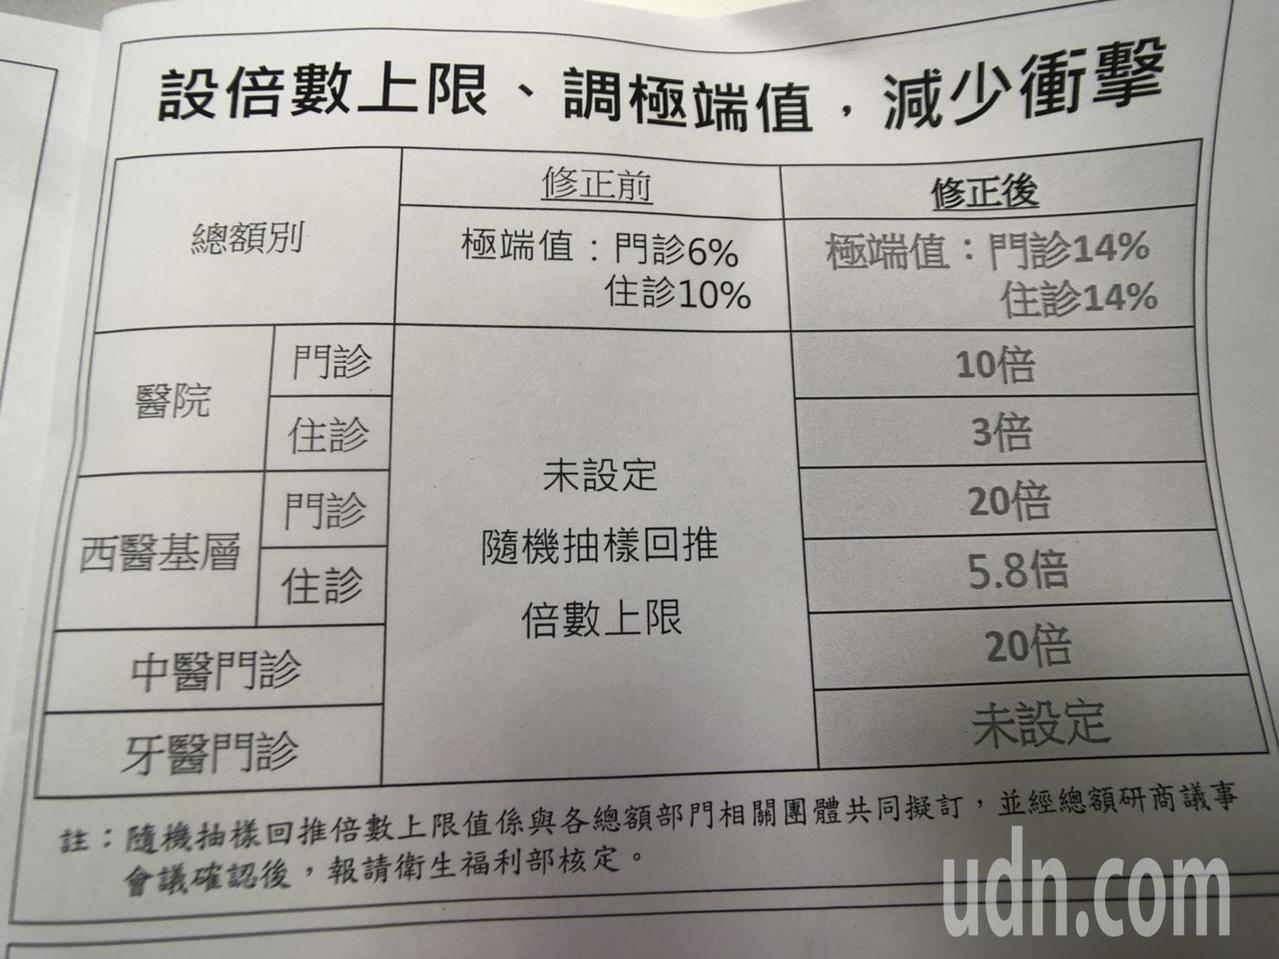 健保署制定抽樣核刪回推倍數上限。記者劉嘉韻/攝影